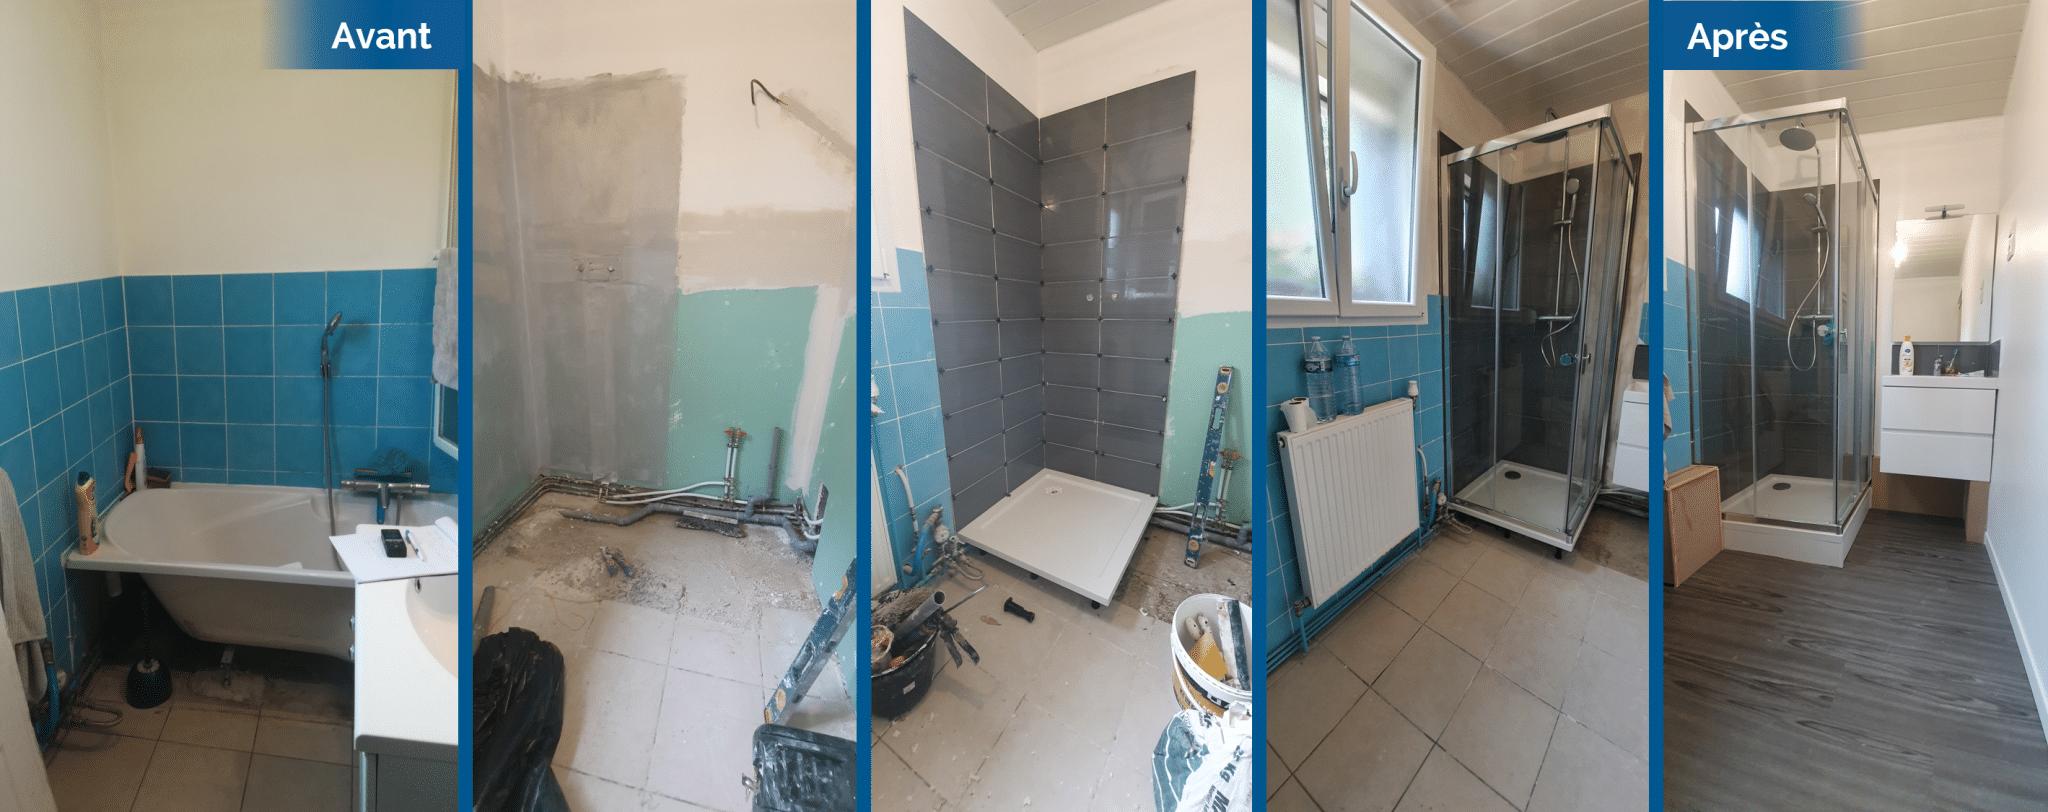 Avant/Après d'une rénovation de salle de bain à Saint-André-lez-Lille (59)